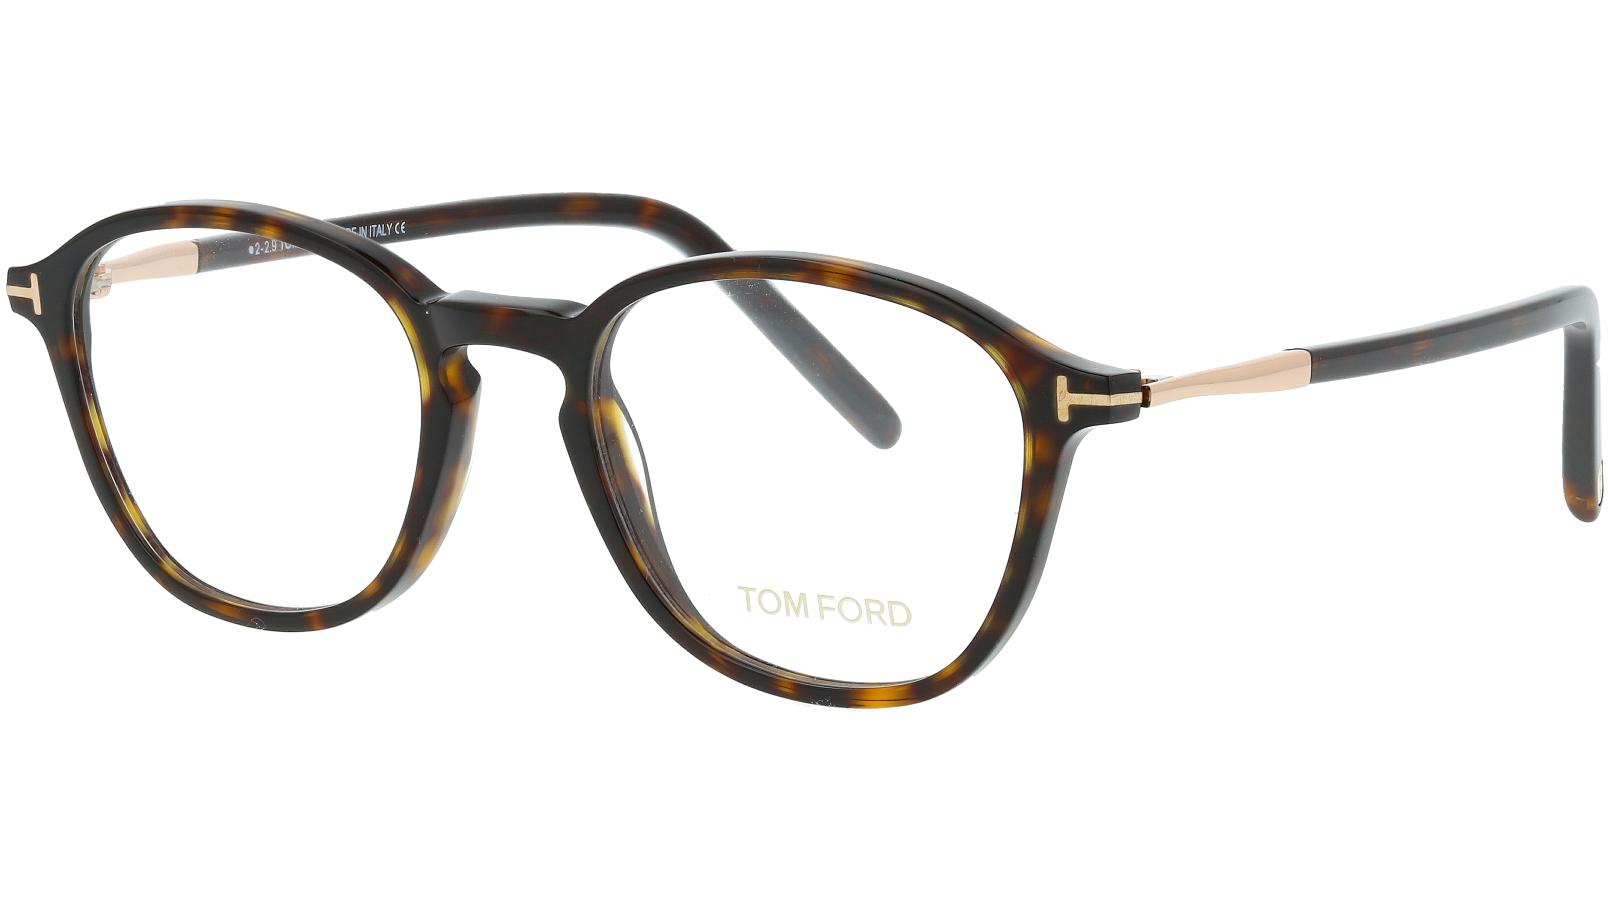 TOM FORD FT5397 052 49 HAVANA Glasses